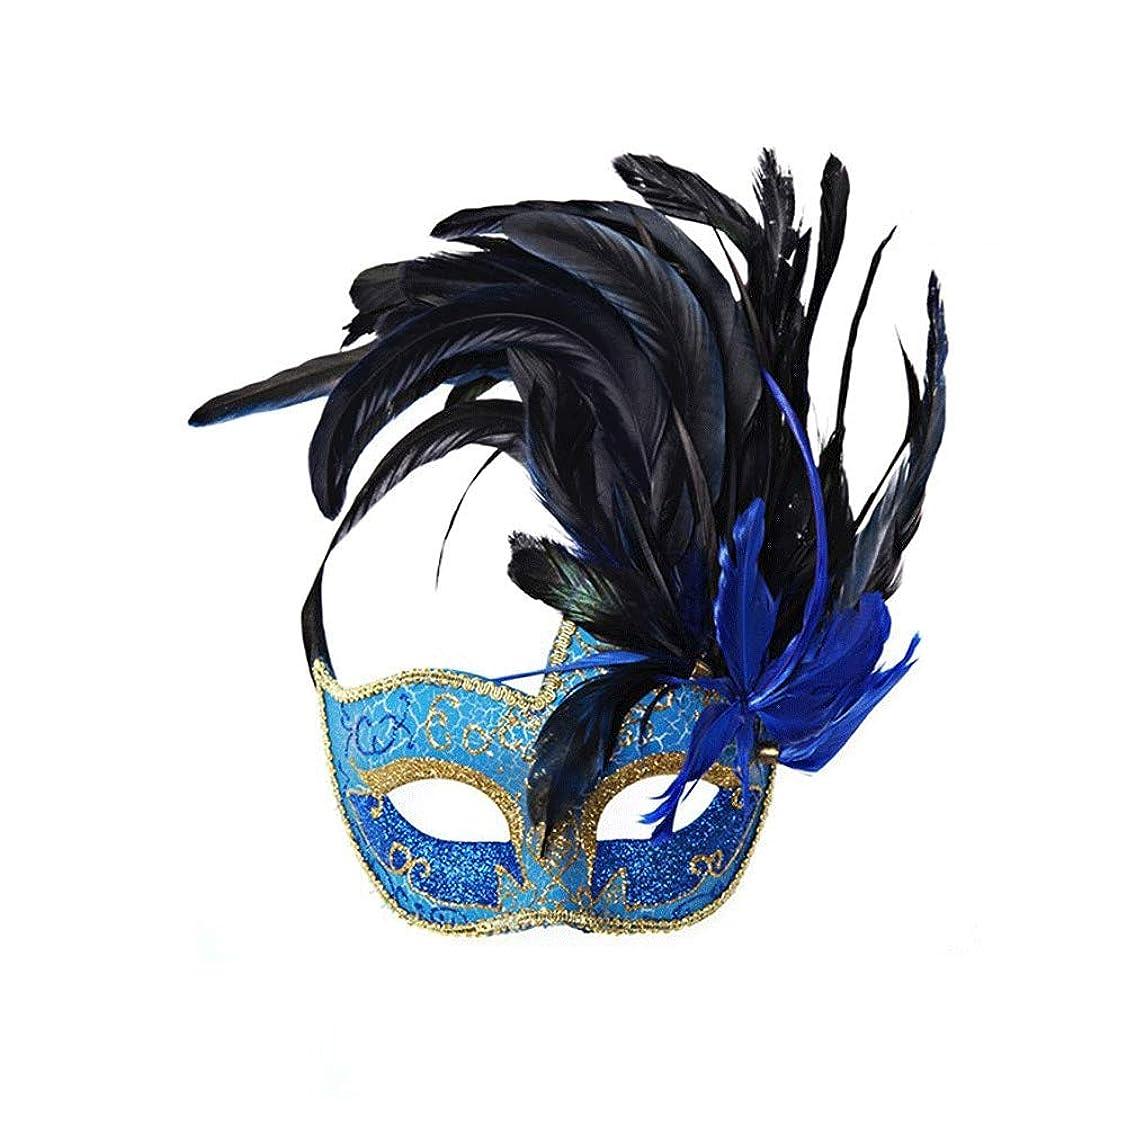 自伝チャーミング猫背Nanle ハロウィンマスクハーフフェザーマスクベニスプリンセスマスク美容レース仮面ライダーコスプレ (色 : Style A blue)